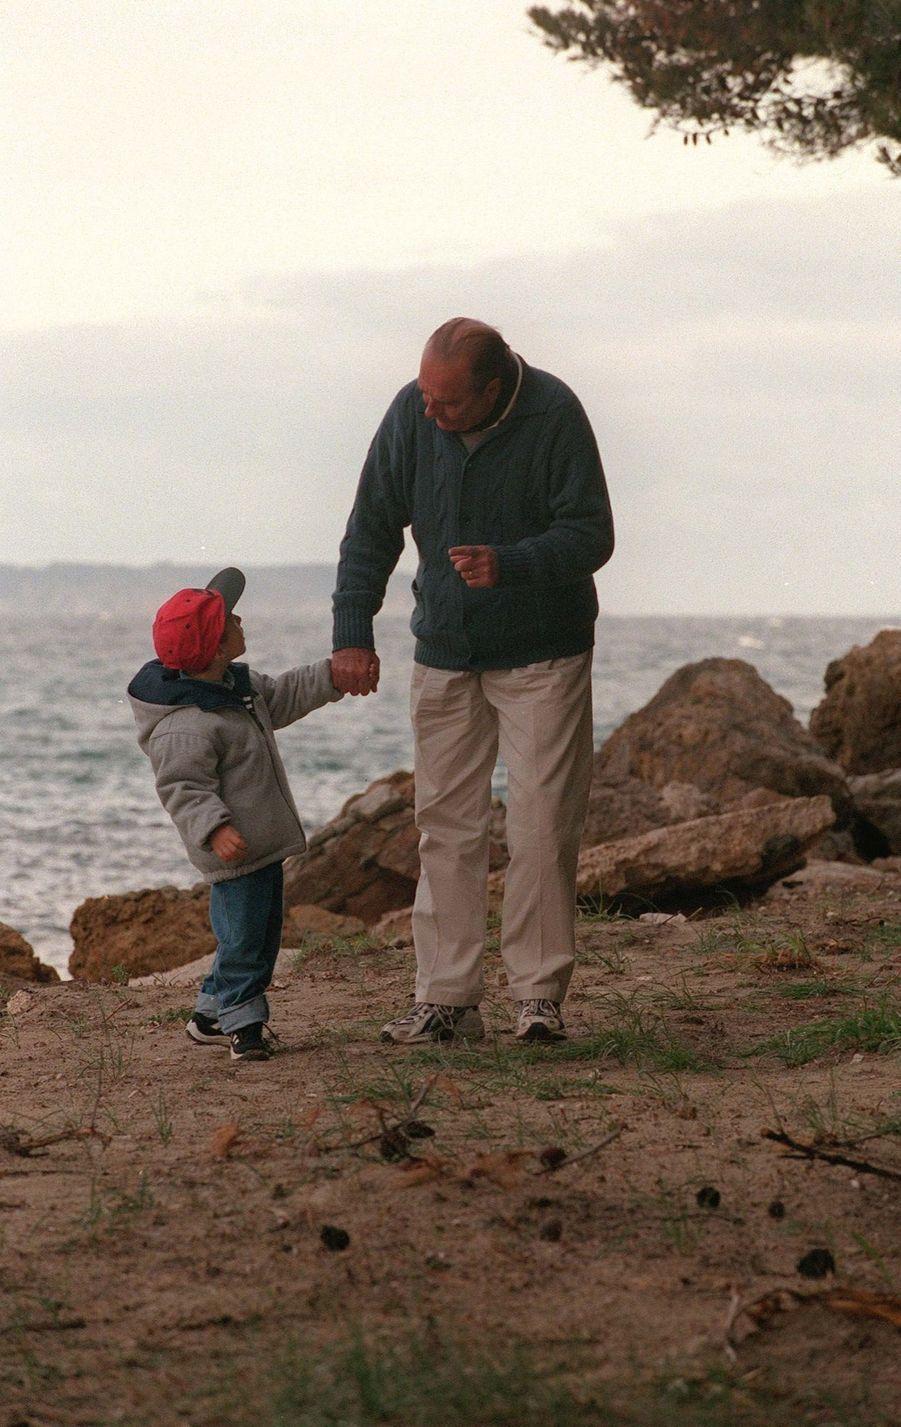 « Comme des millions de Français, Jacques Chirac a profité du week-end de Pâques pour prendre un peu de repos. Au pied du fort de Brégançon, le chef de l'Etat serre tendrement dans ses bras son petit-fils Martin. » - Paris Match n°2658, 4 mai 2000.